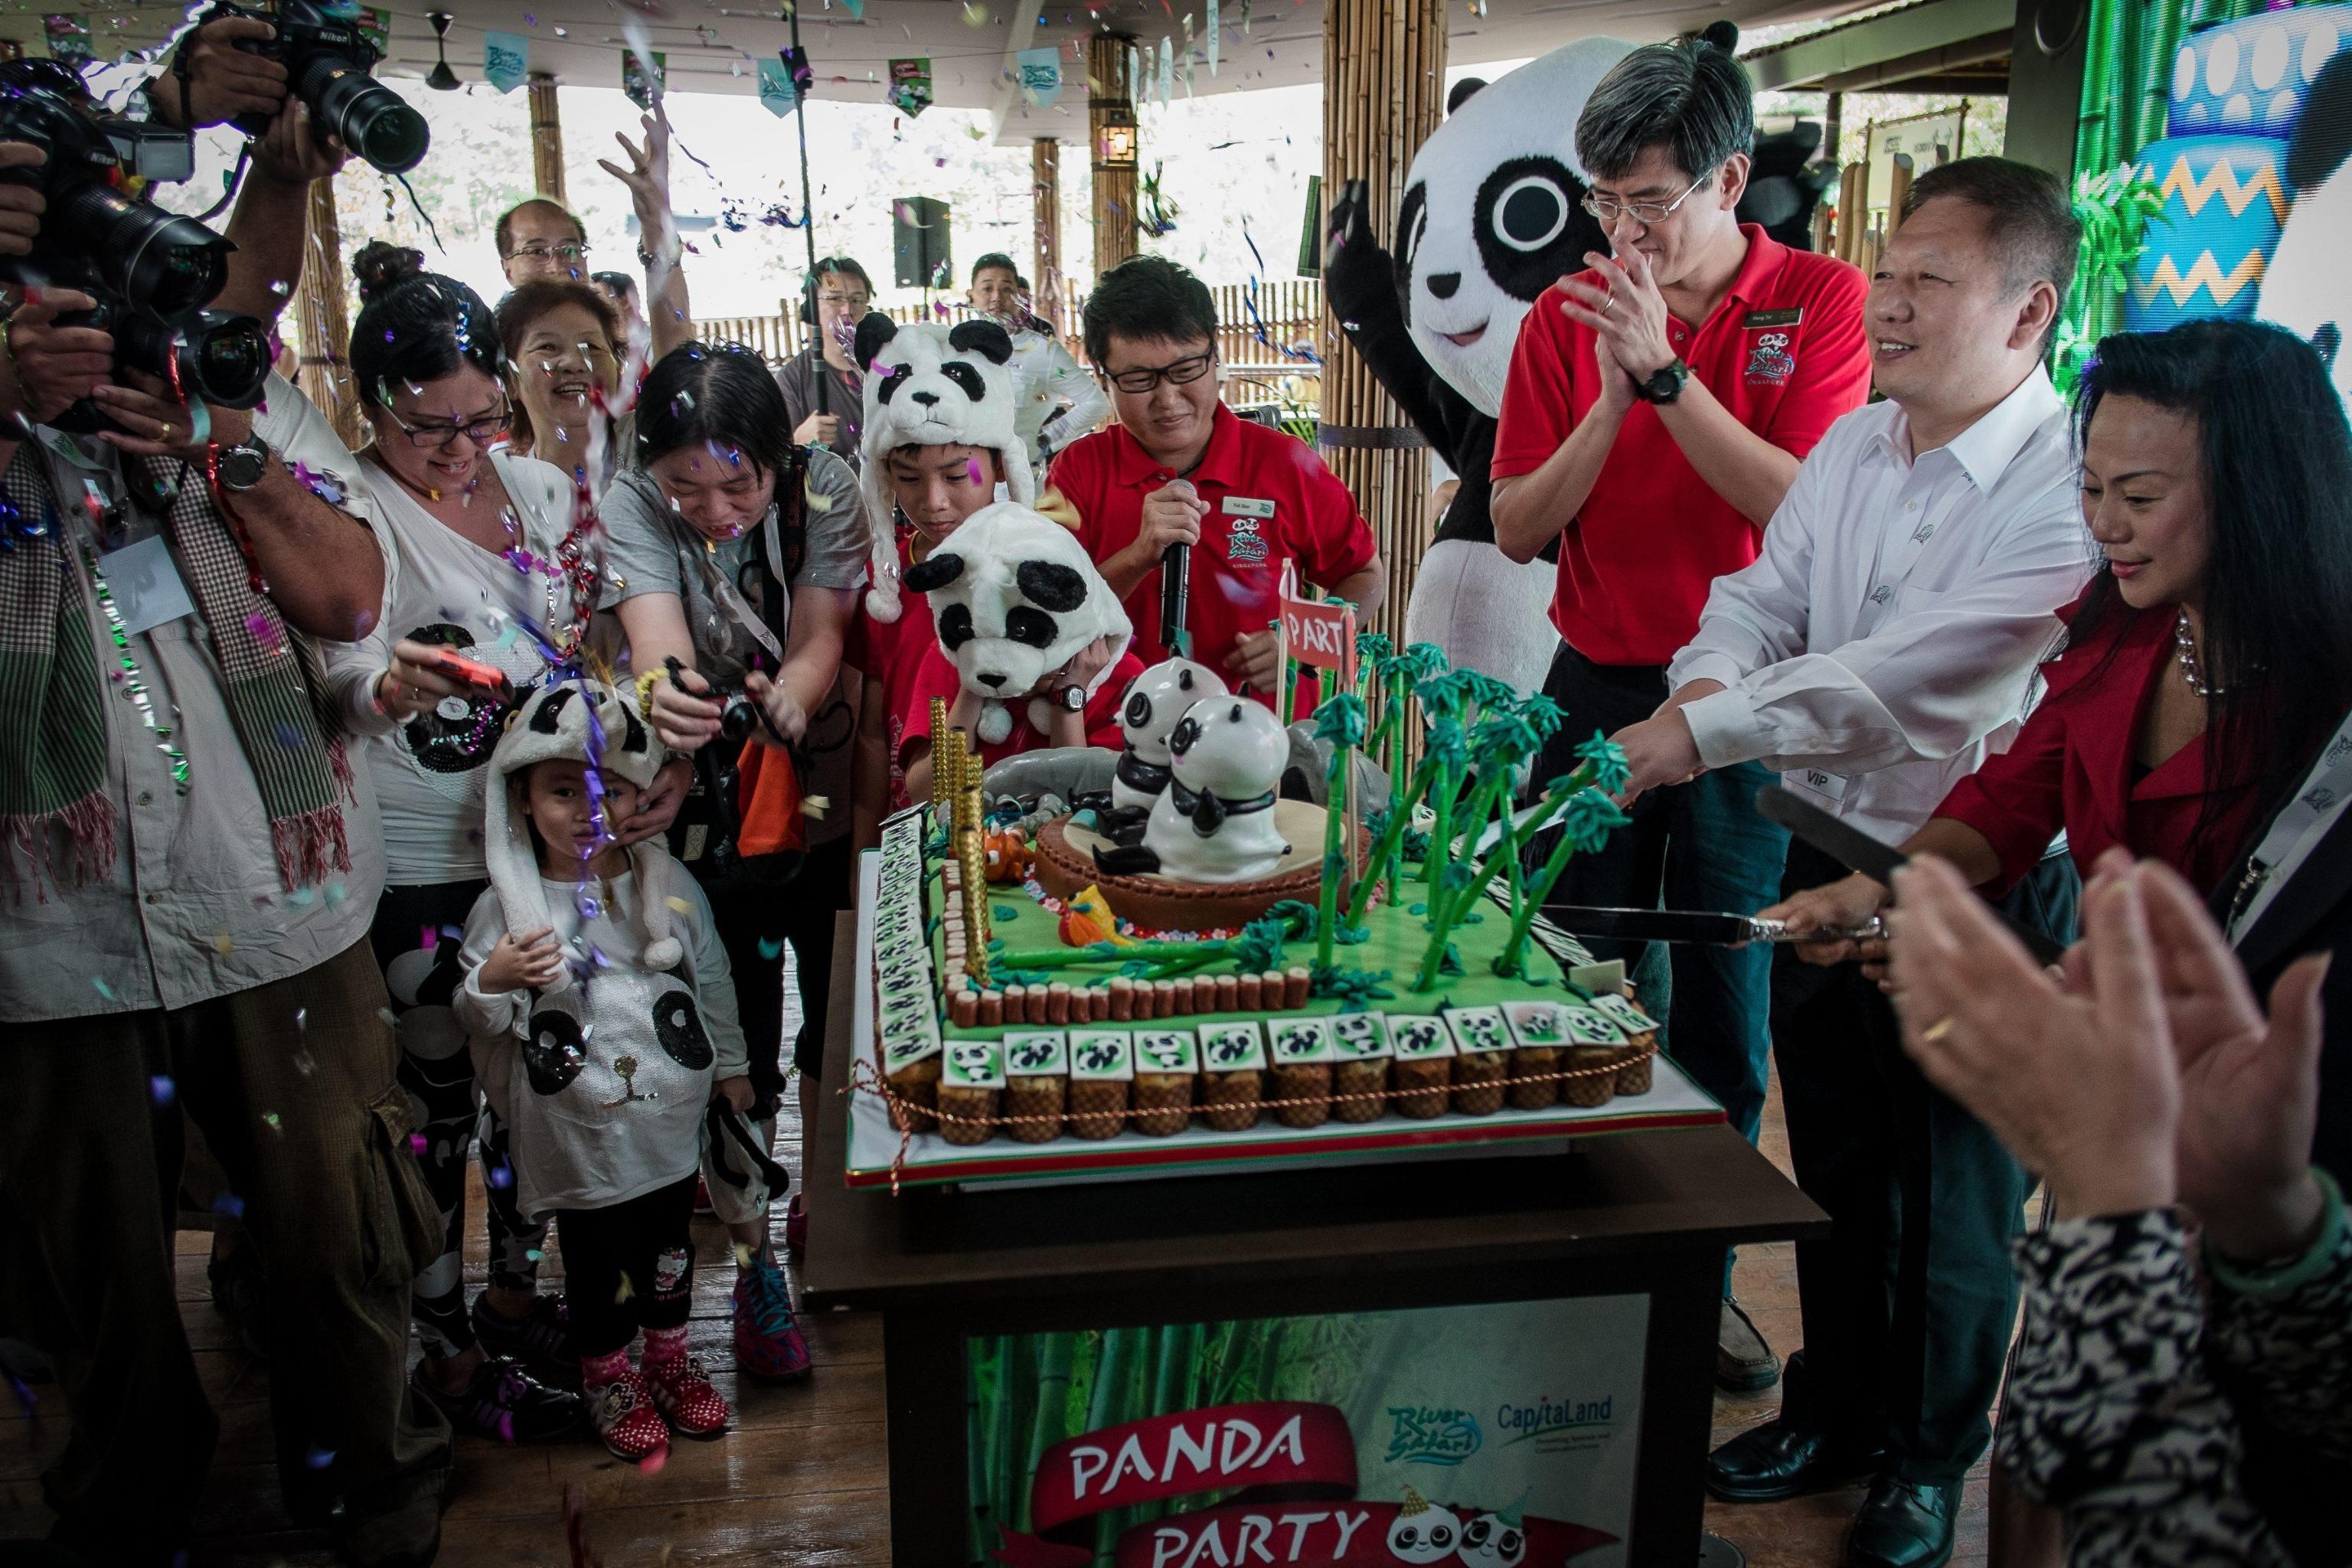 I due panda compiono gli anni e festeggiano con la torta di bamboo05